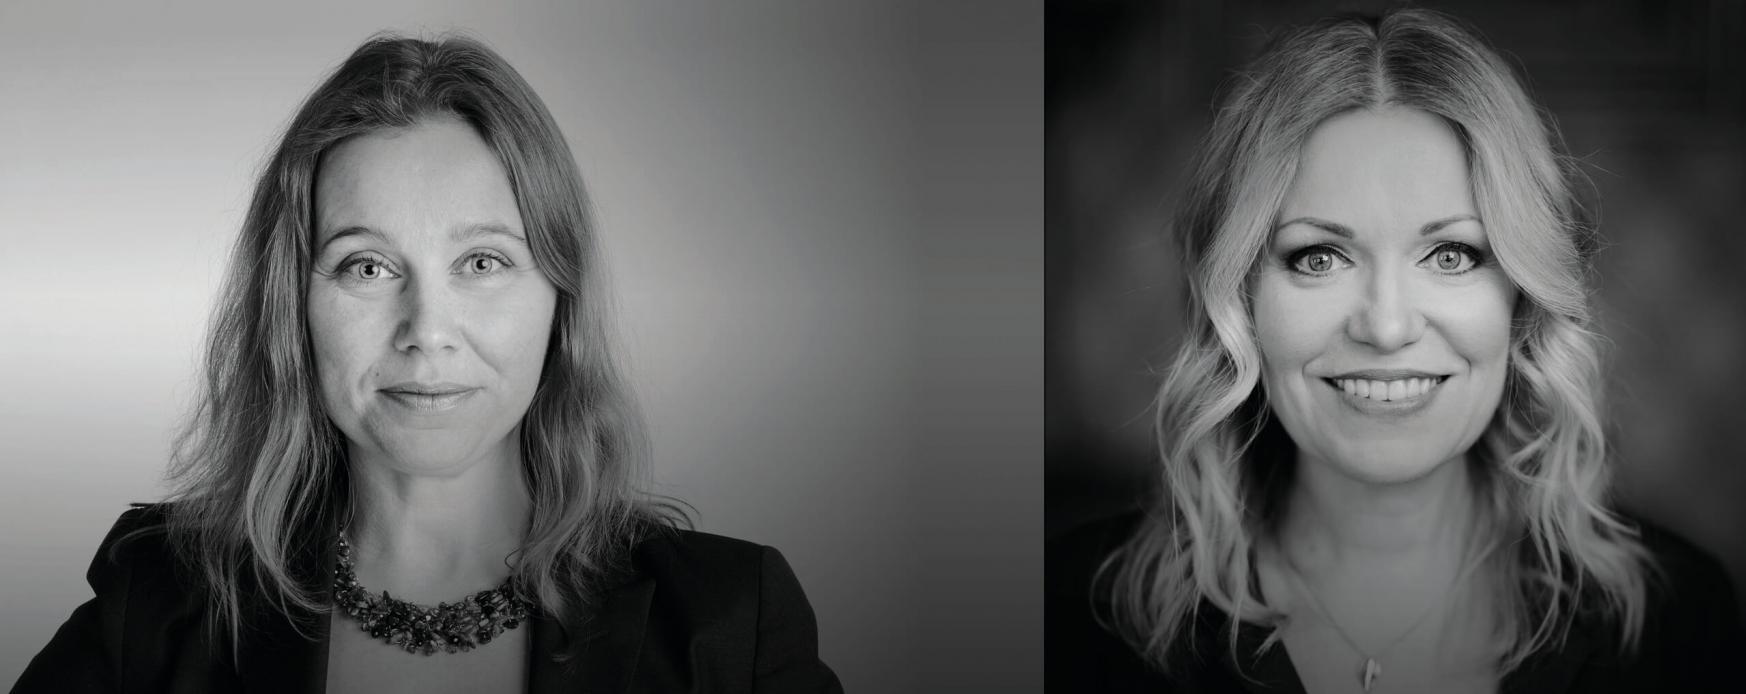 Foto av Hanna Hagmark: Therese Andersson. Foto av Isabella Grüssner-Sarling: Marcus Boman